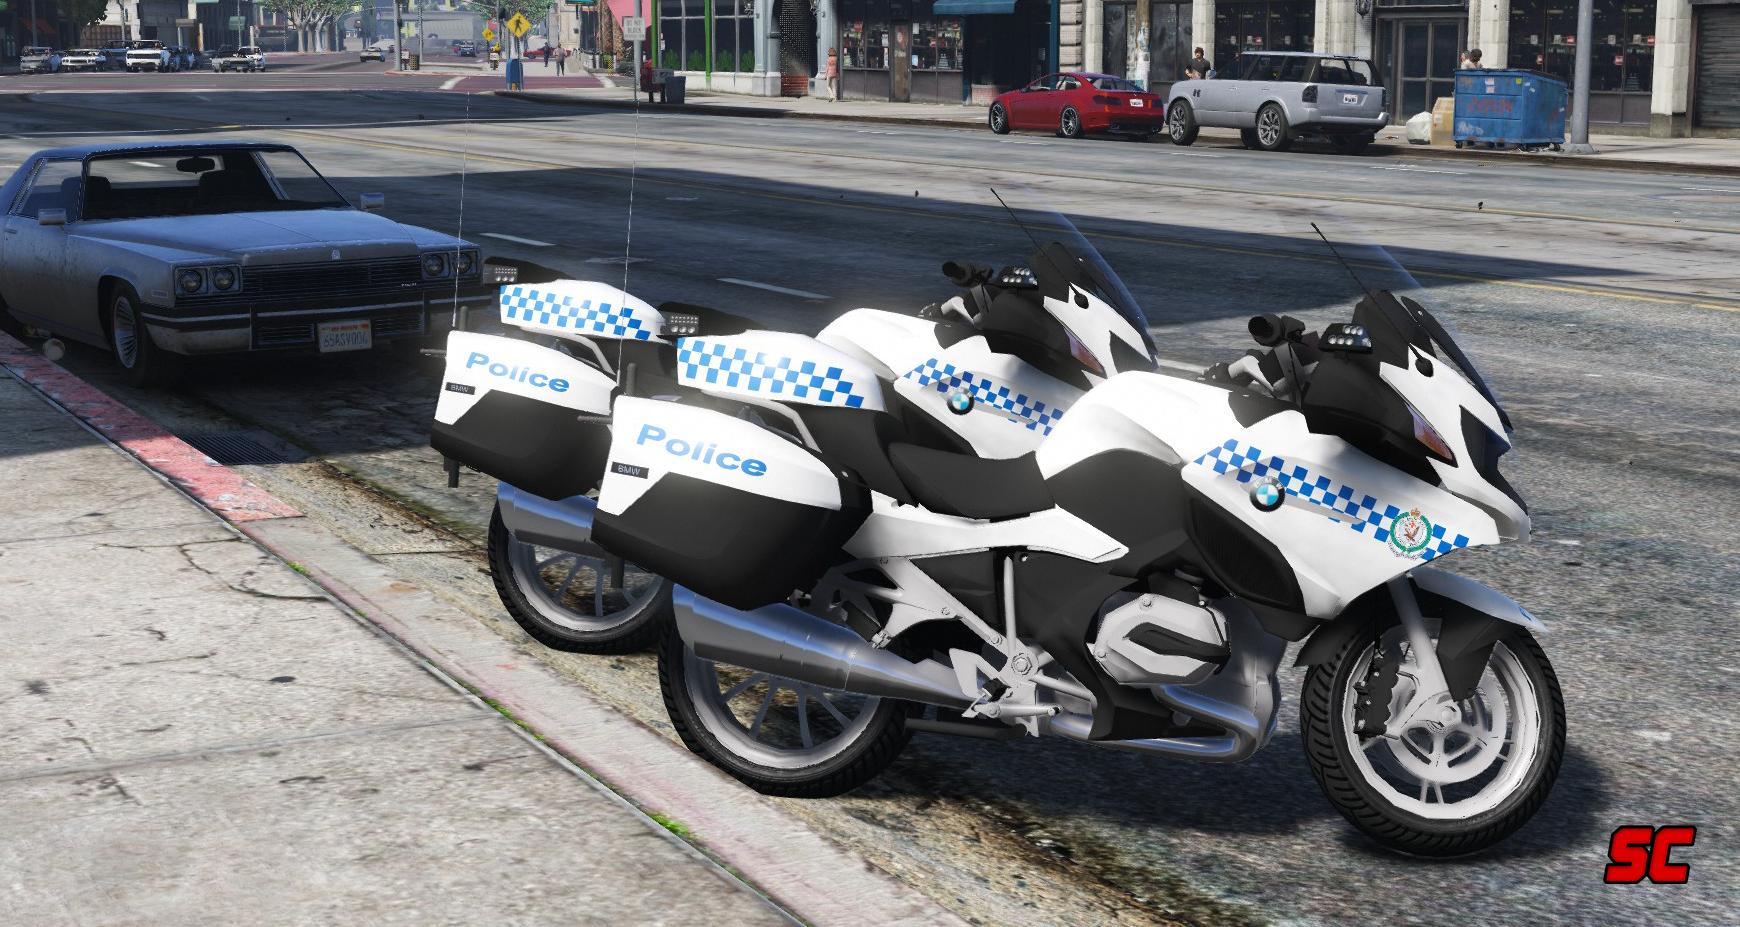 Nsw Police Skin For Bmw R1200rt Gta5 Mods Com